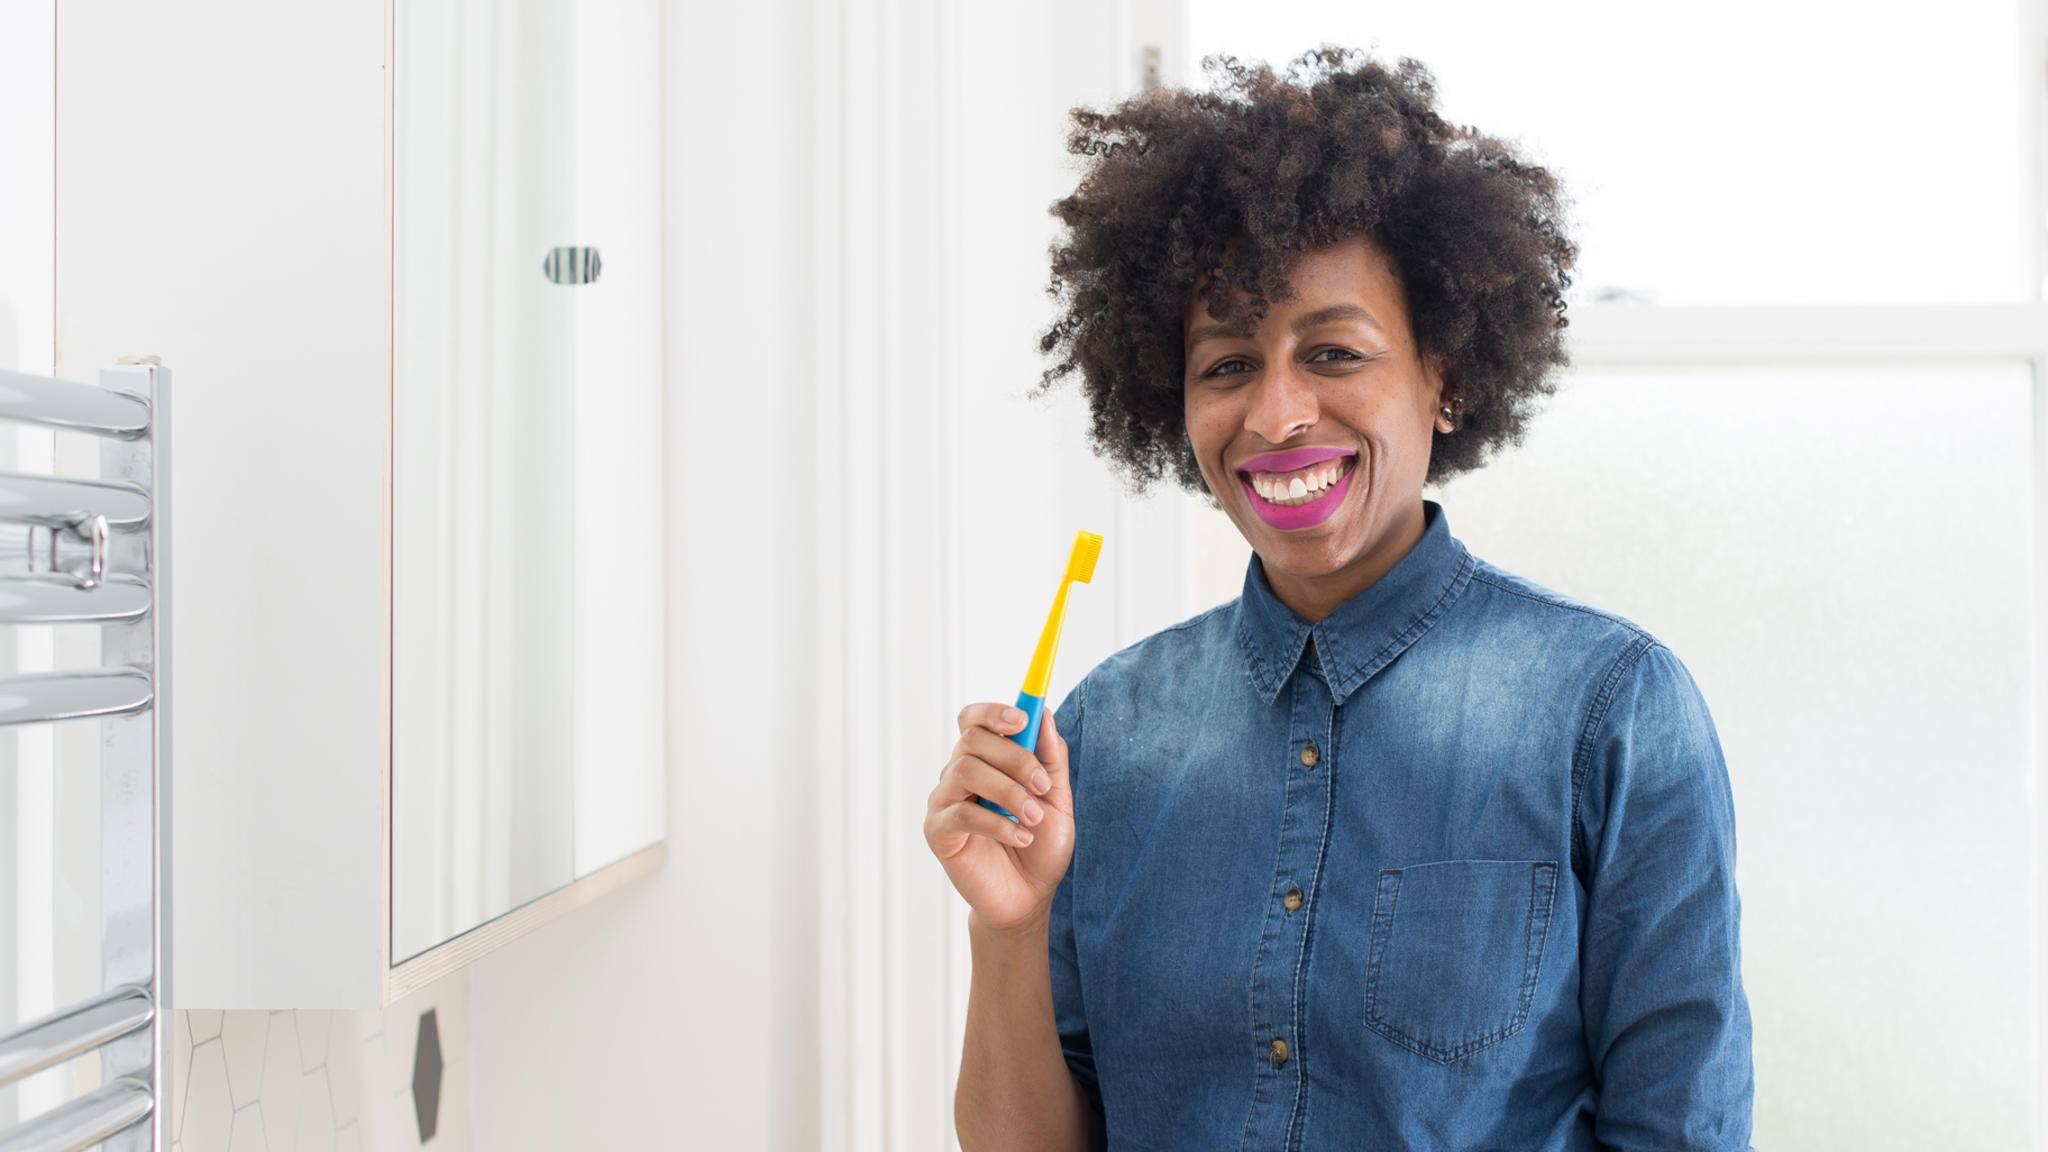 Spaß beim Zähneputzen verspricht die musikalische Zahnbürste Benjamin Brush.